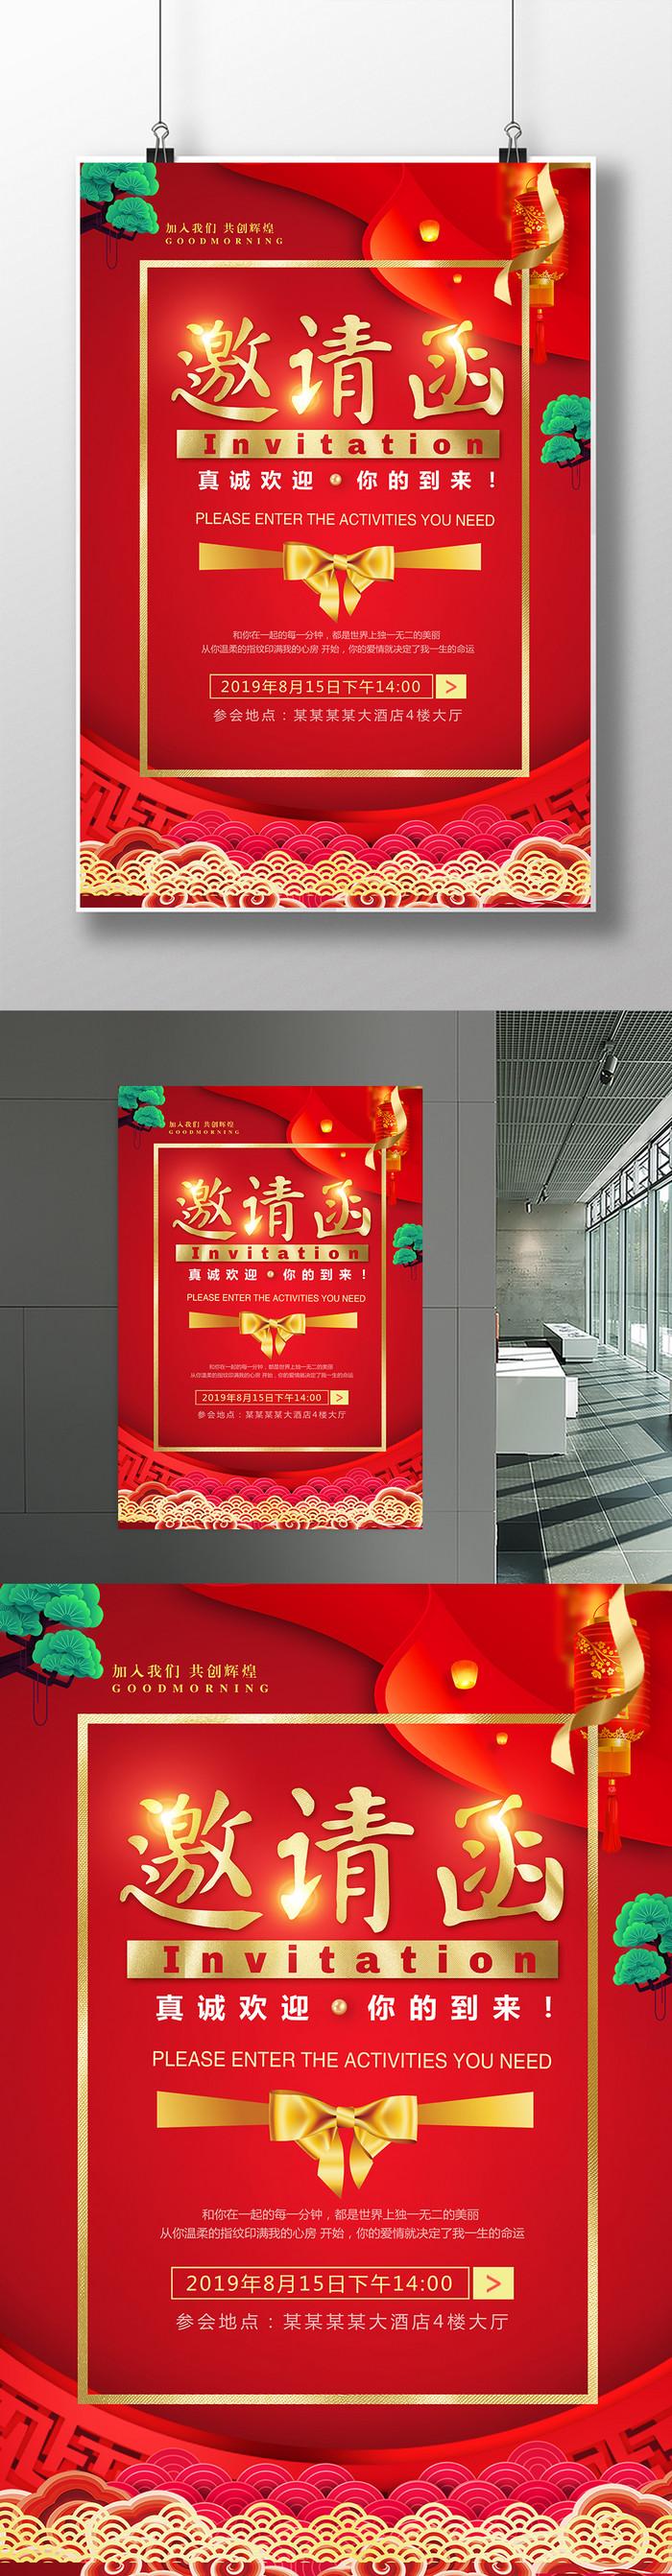 简约时尚红金邀请函海报模板